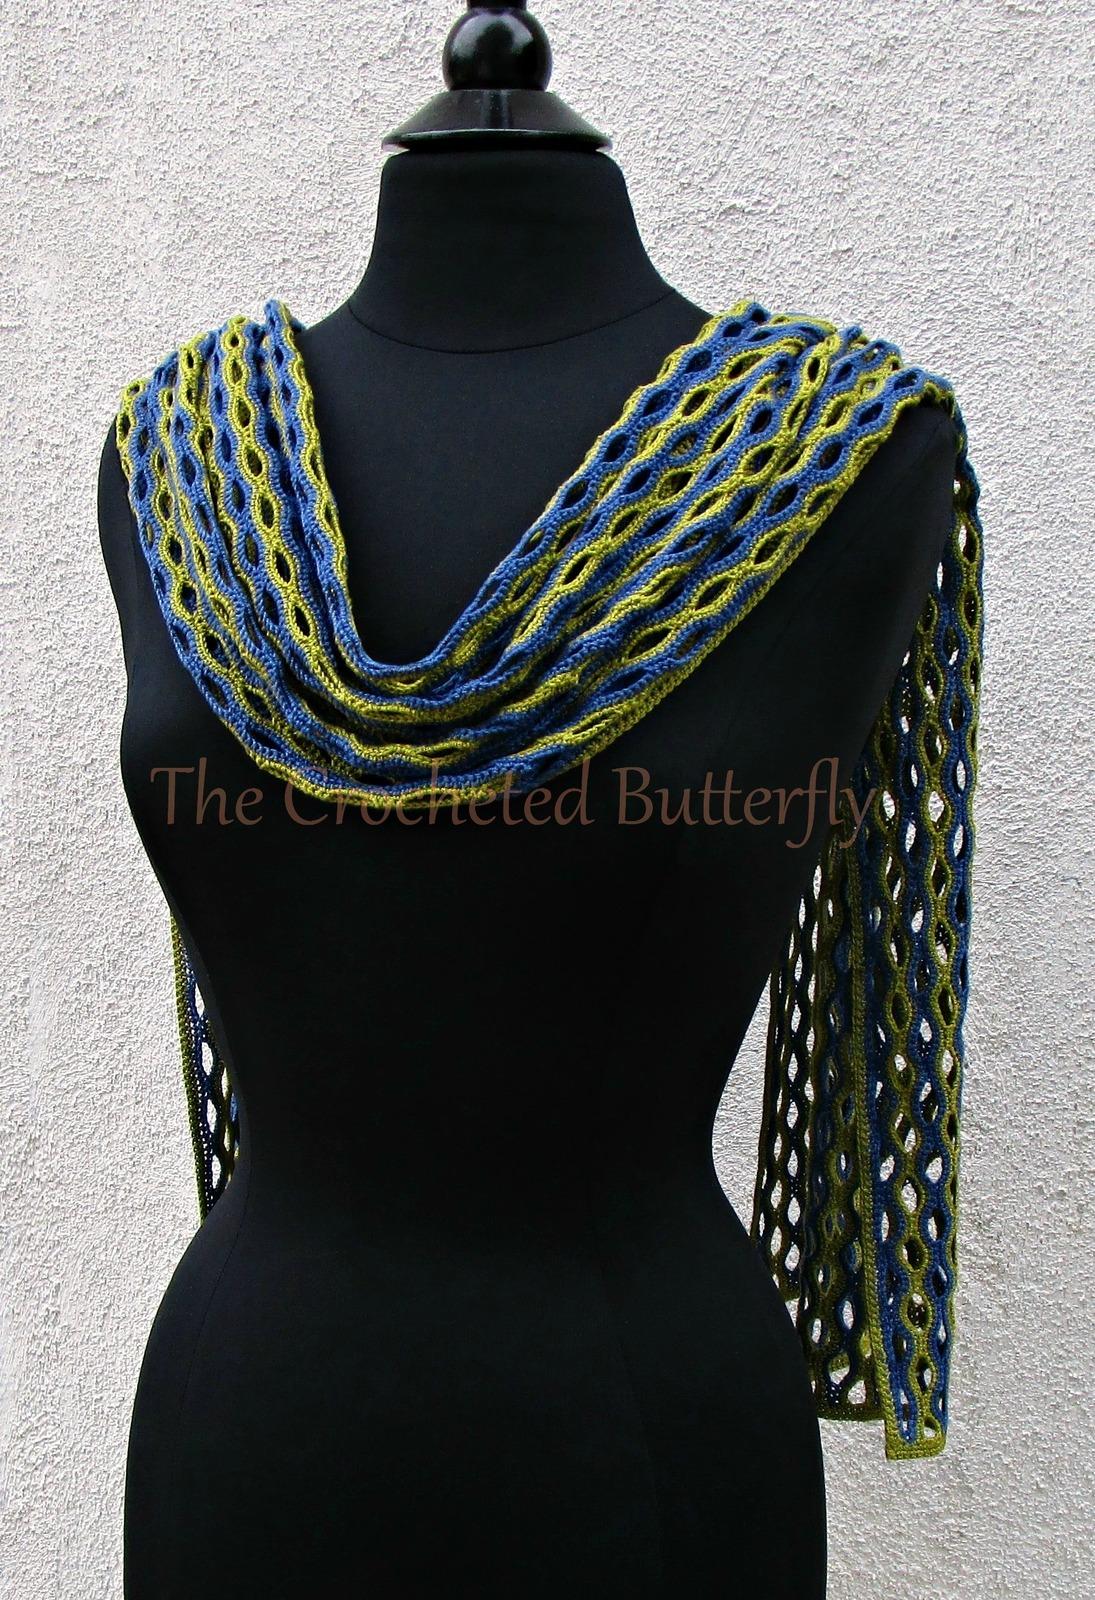 CROCHET PATTERN - Holey Moley Wrap, crochet, women's accessories, fashion